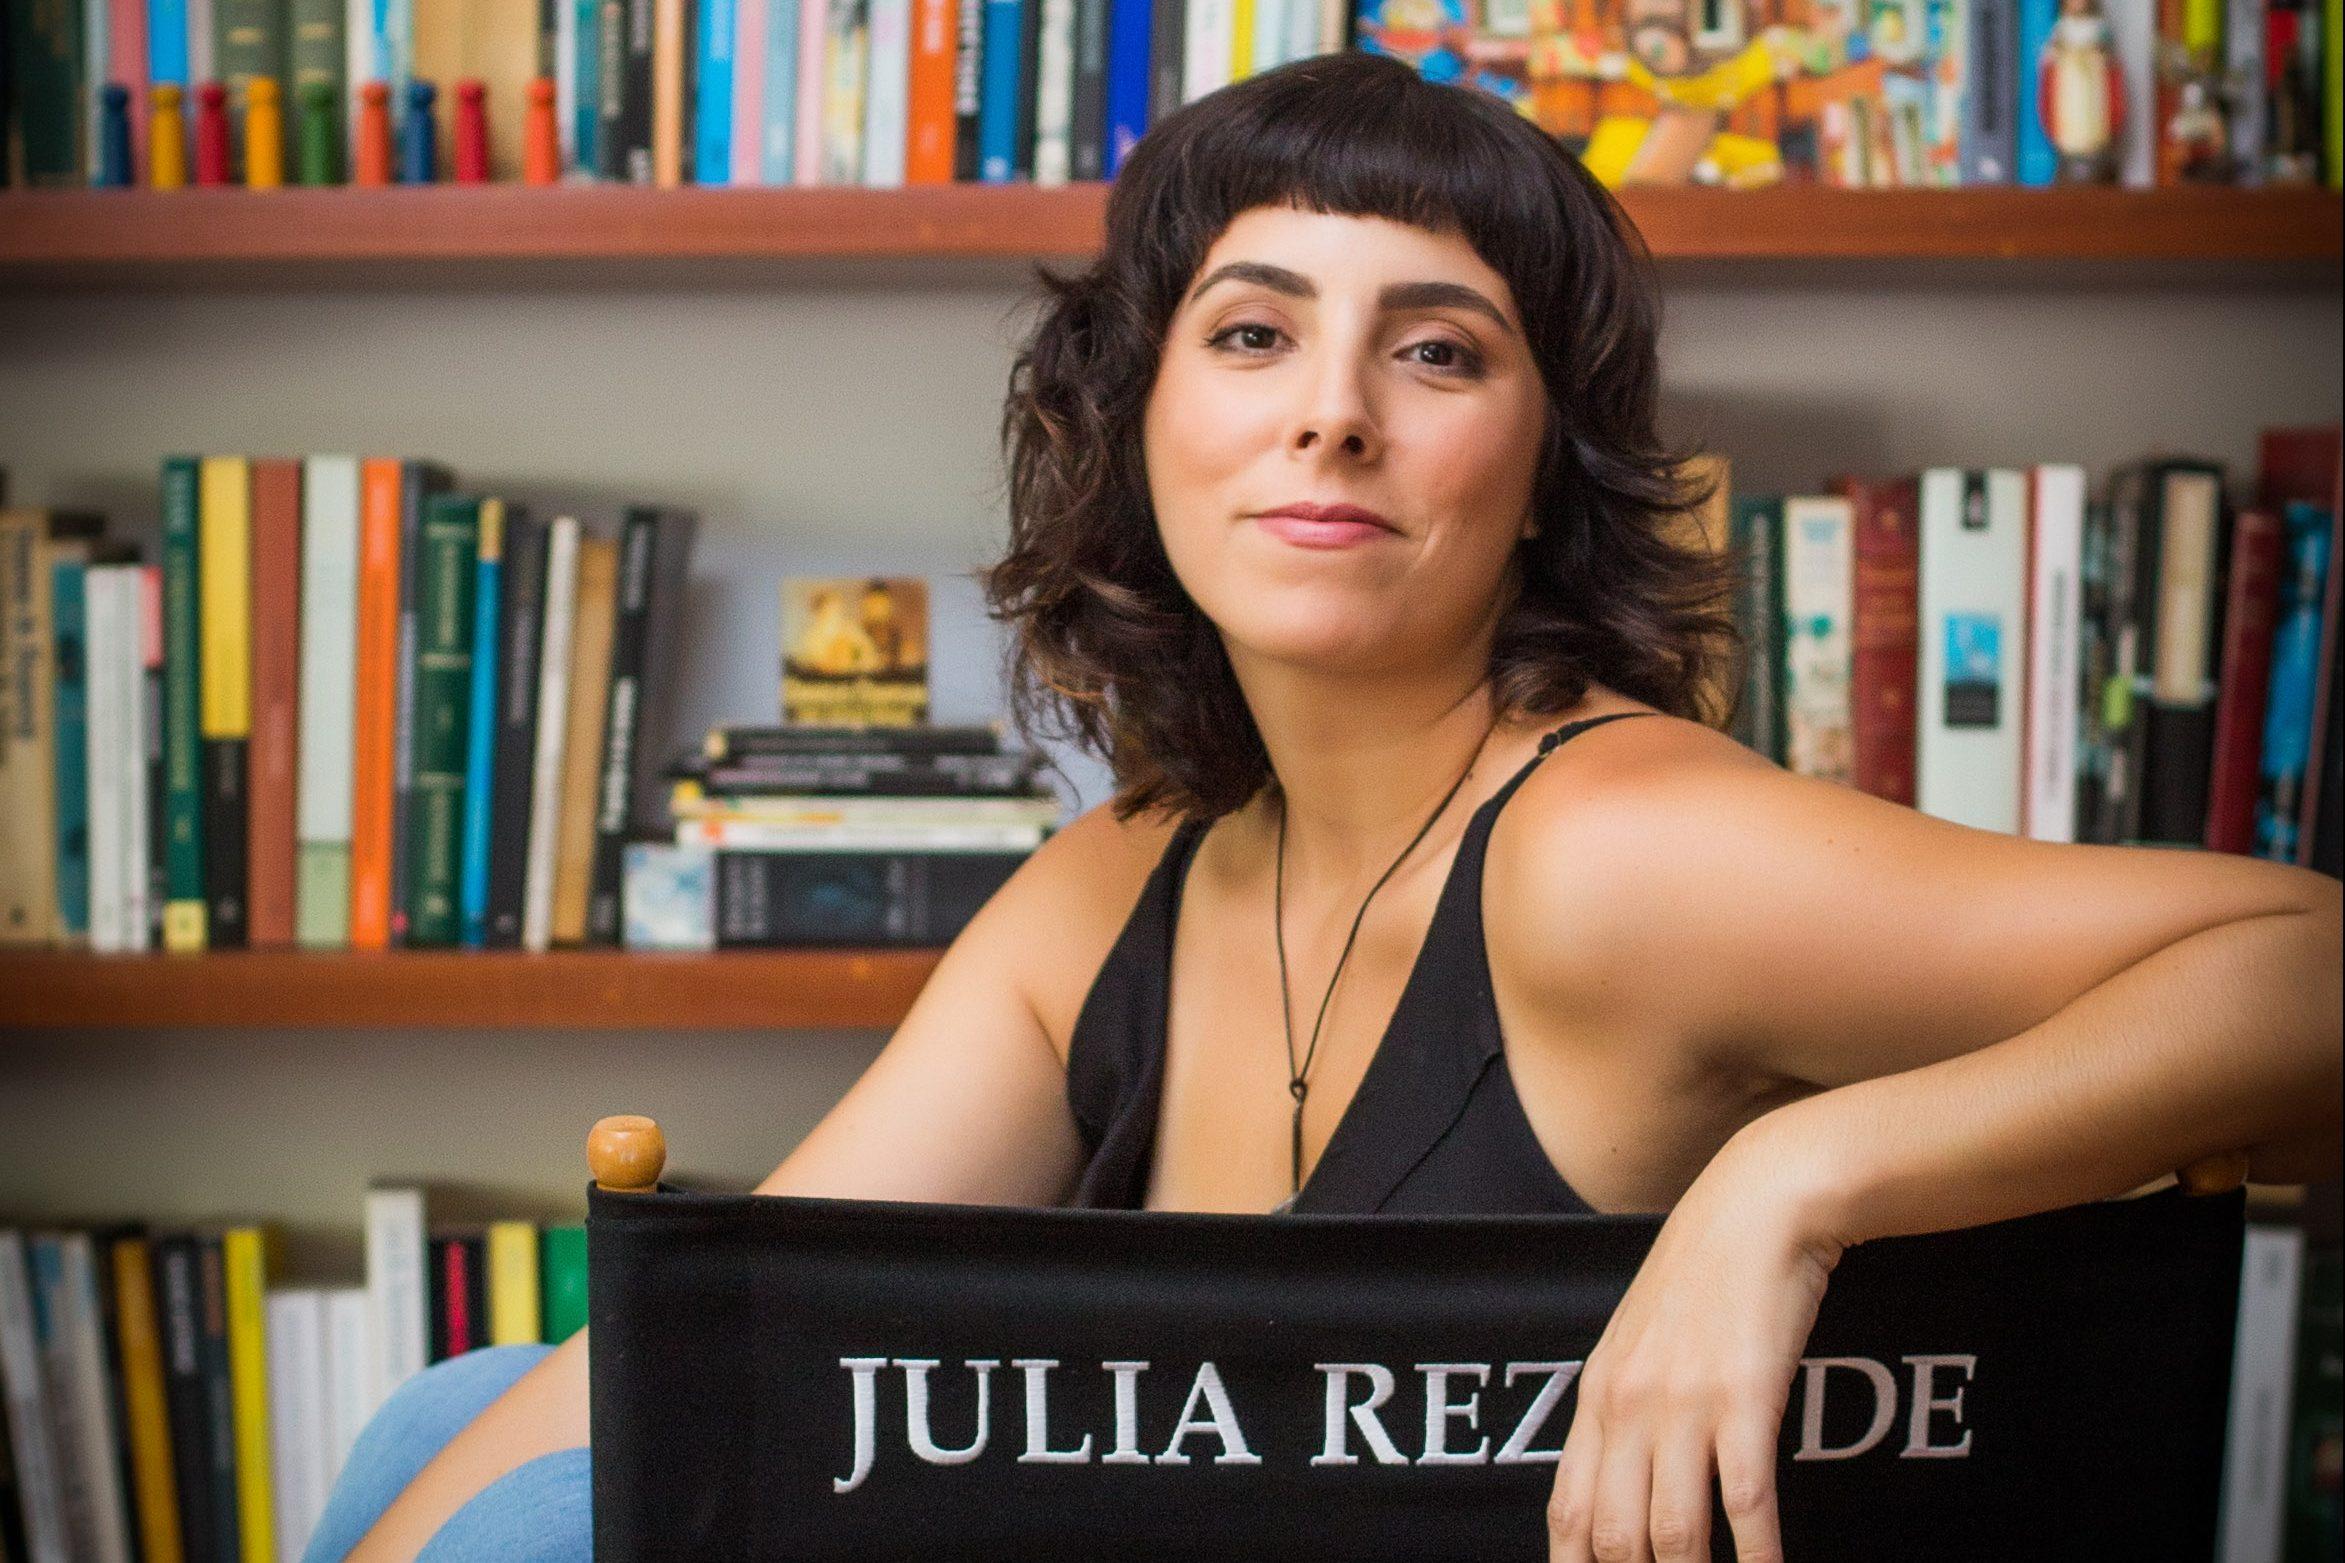 Julia Rezende: 'Cada mulher que dirige um filme abre espaço para outras' |  VEJA